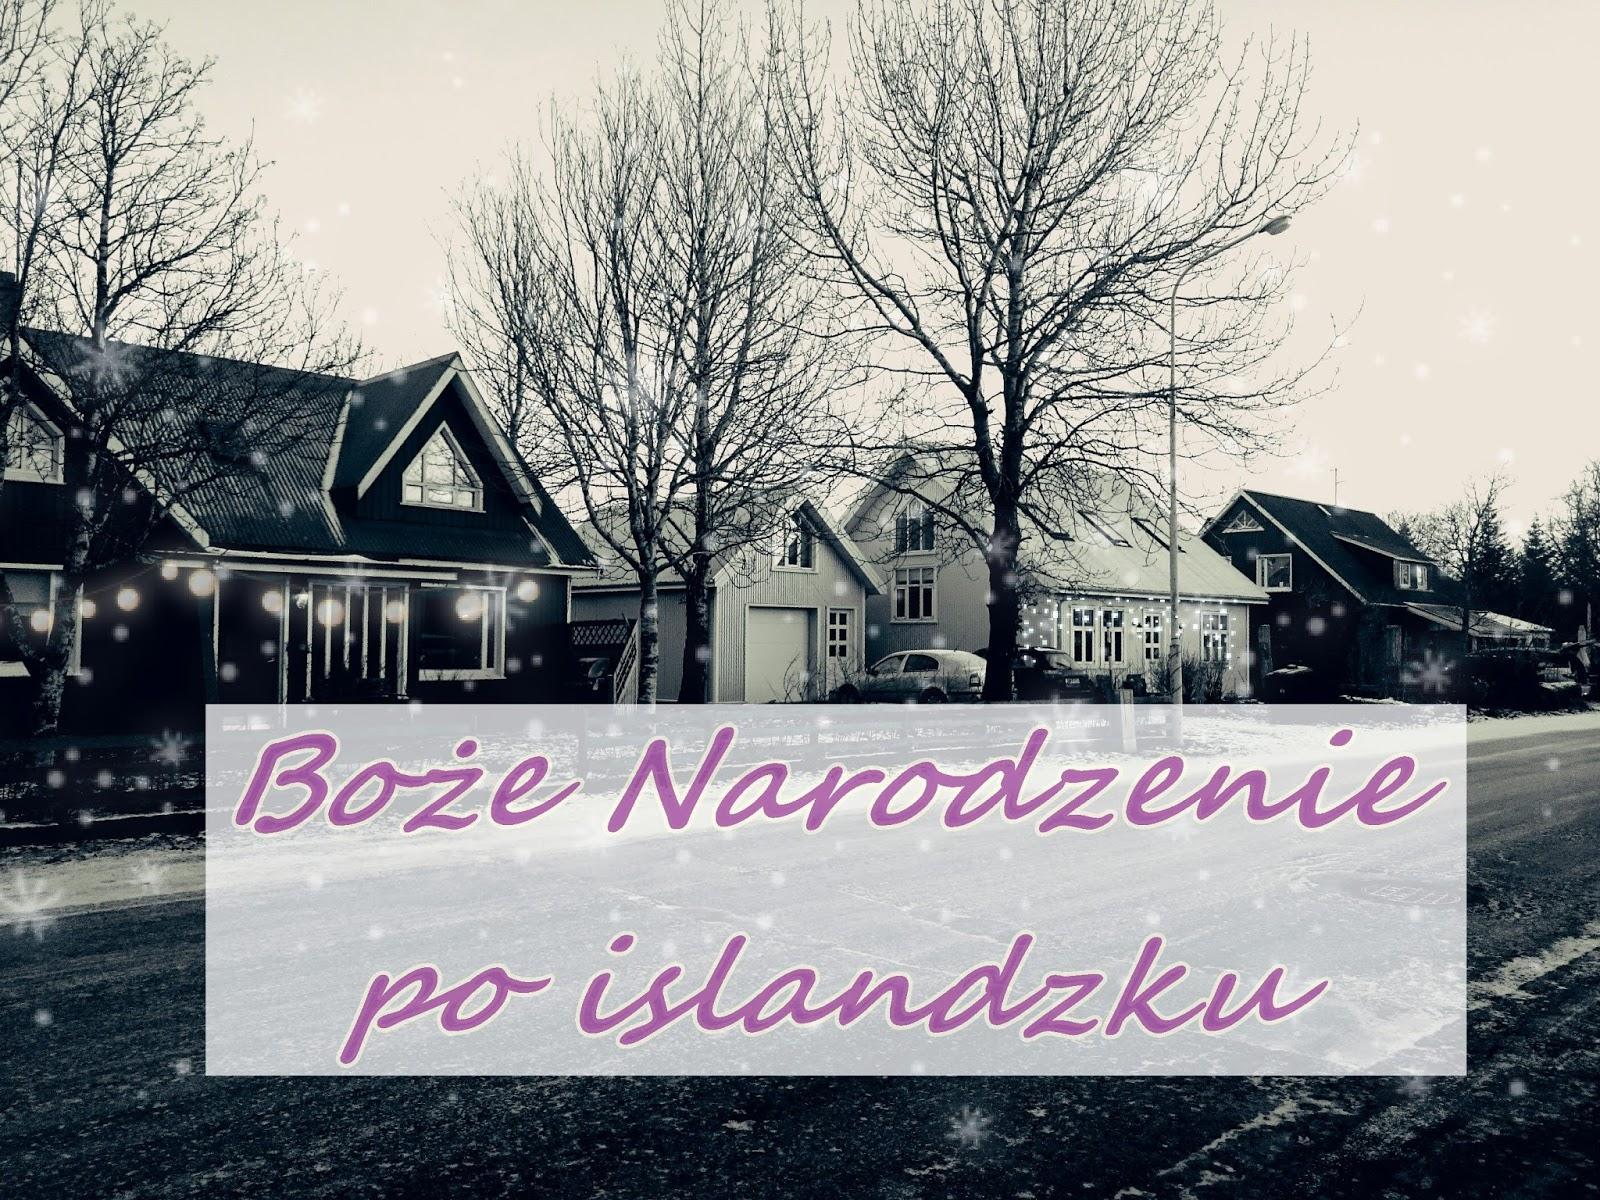 Boże Narodzenie, Święta, Islandia, zima, miasto, domy, śnieg